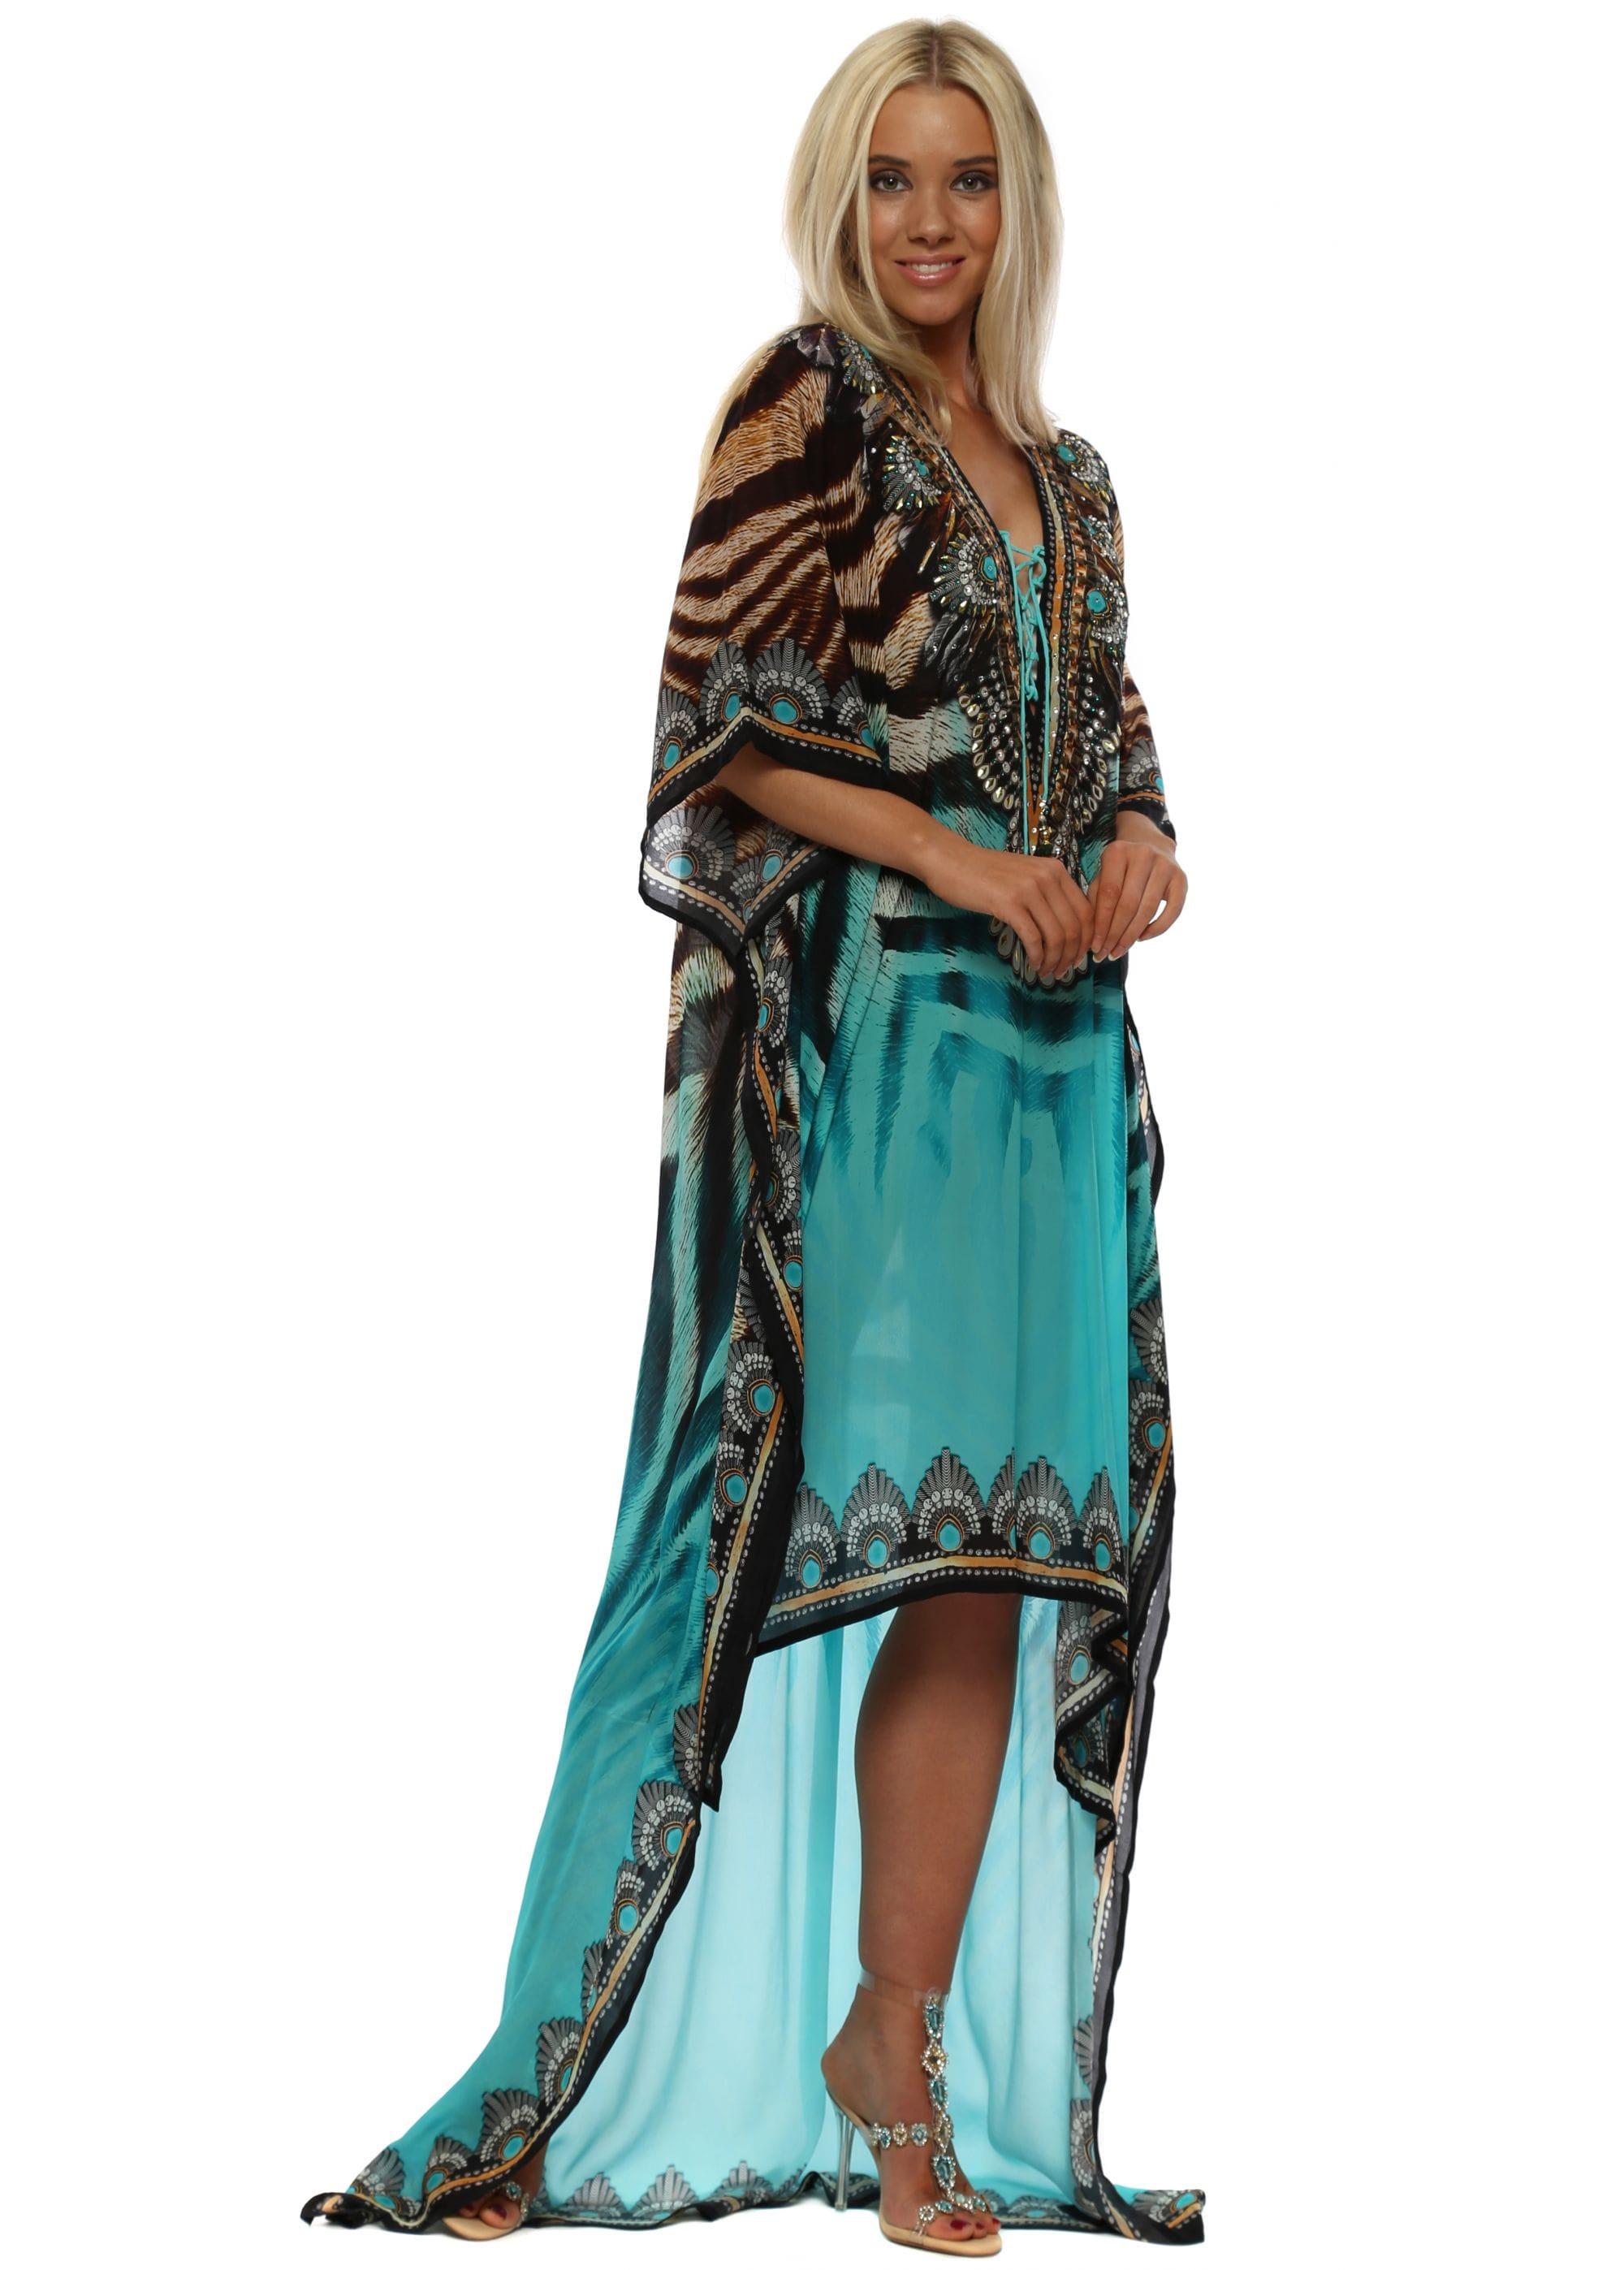 d40cc041af2d8 Woodford   Reay Mykonos Aqua Animal Print Hi Low Kaftan Dress ...